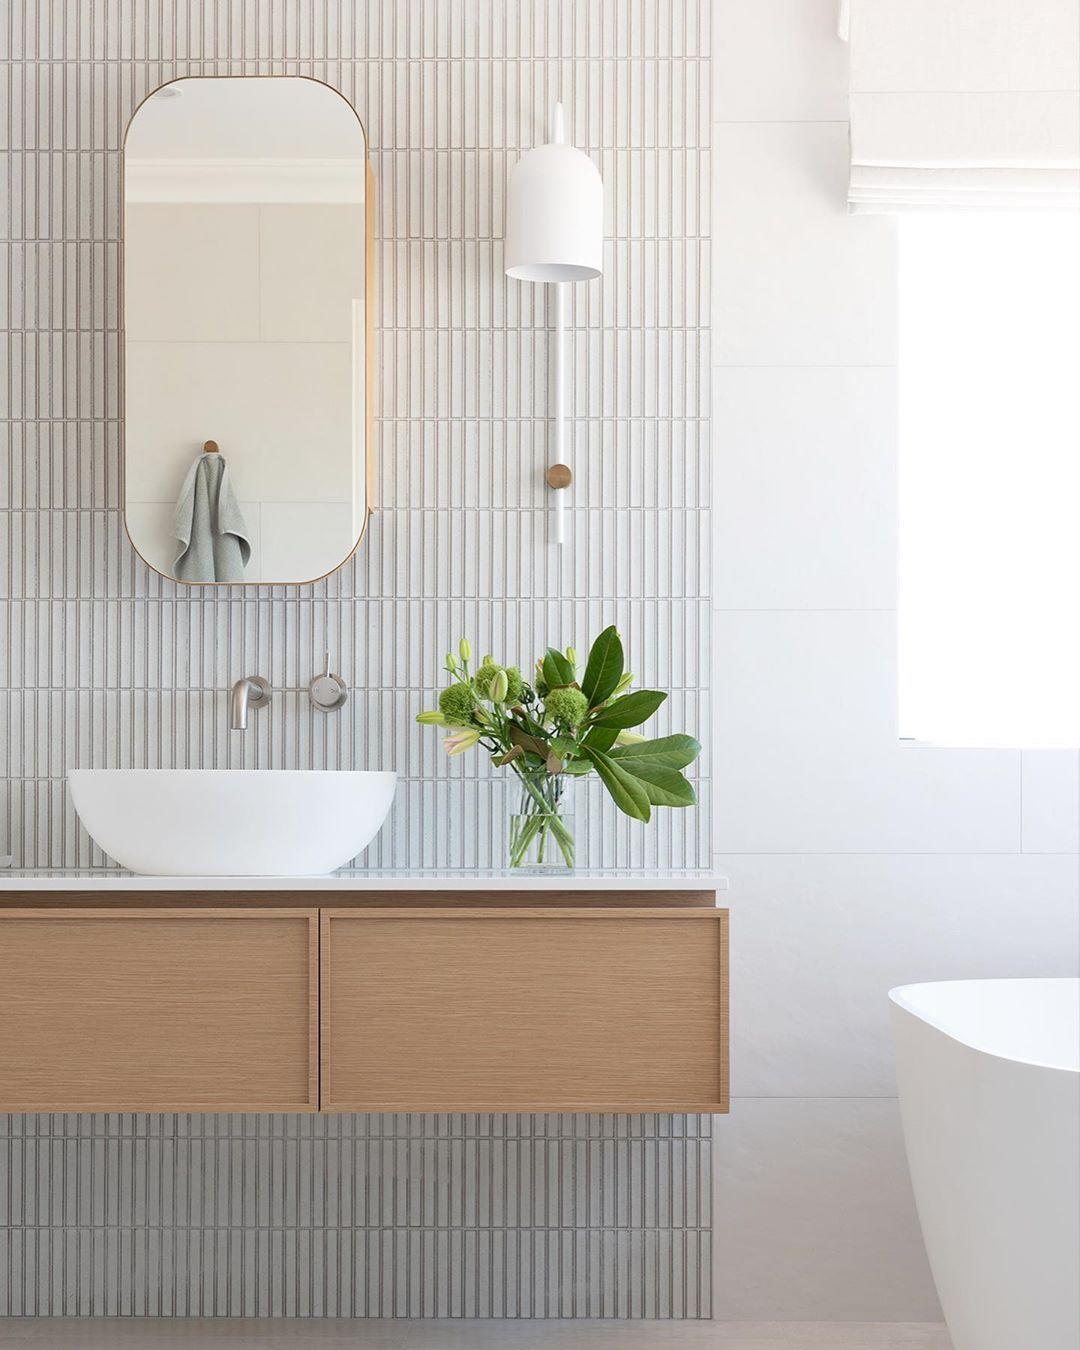 Image May Contain Indoor Bathroom Mirror Design Sleek Bathroom Ensuite Design